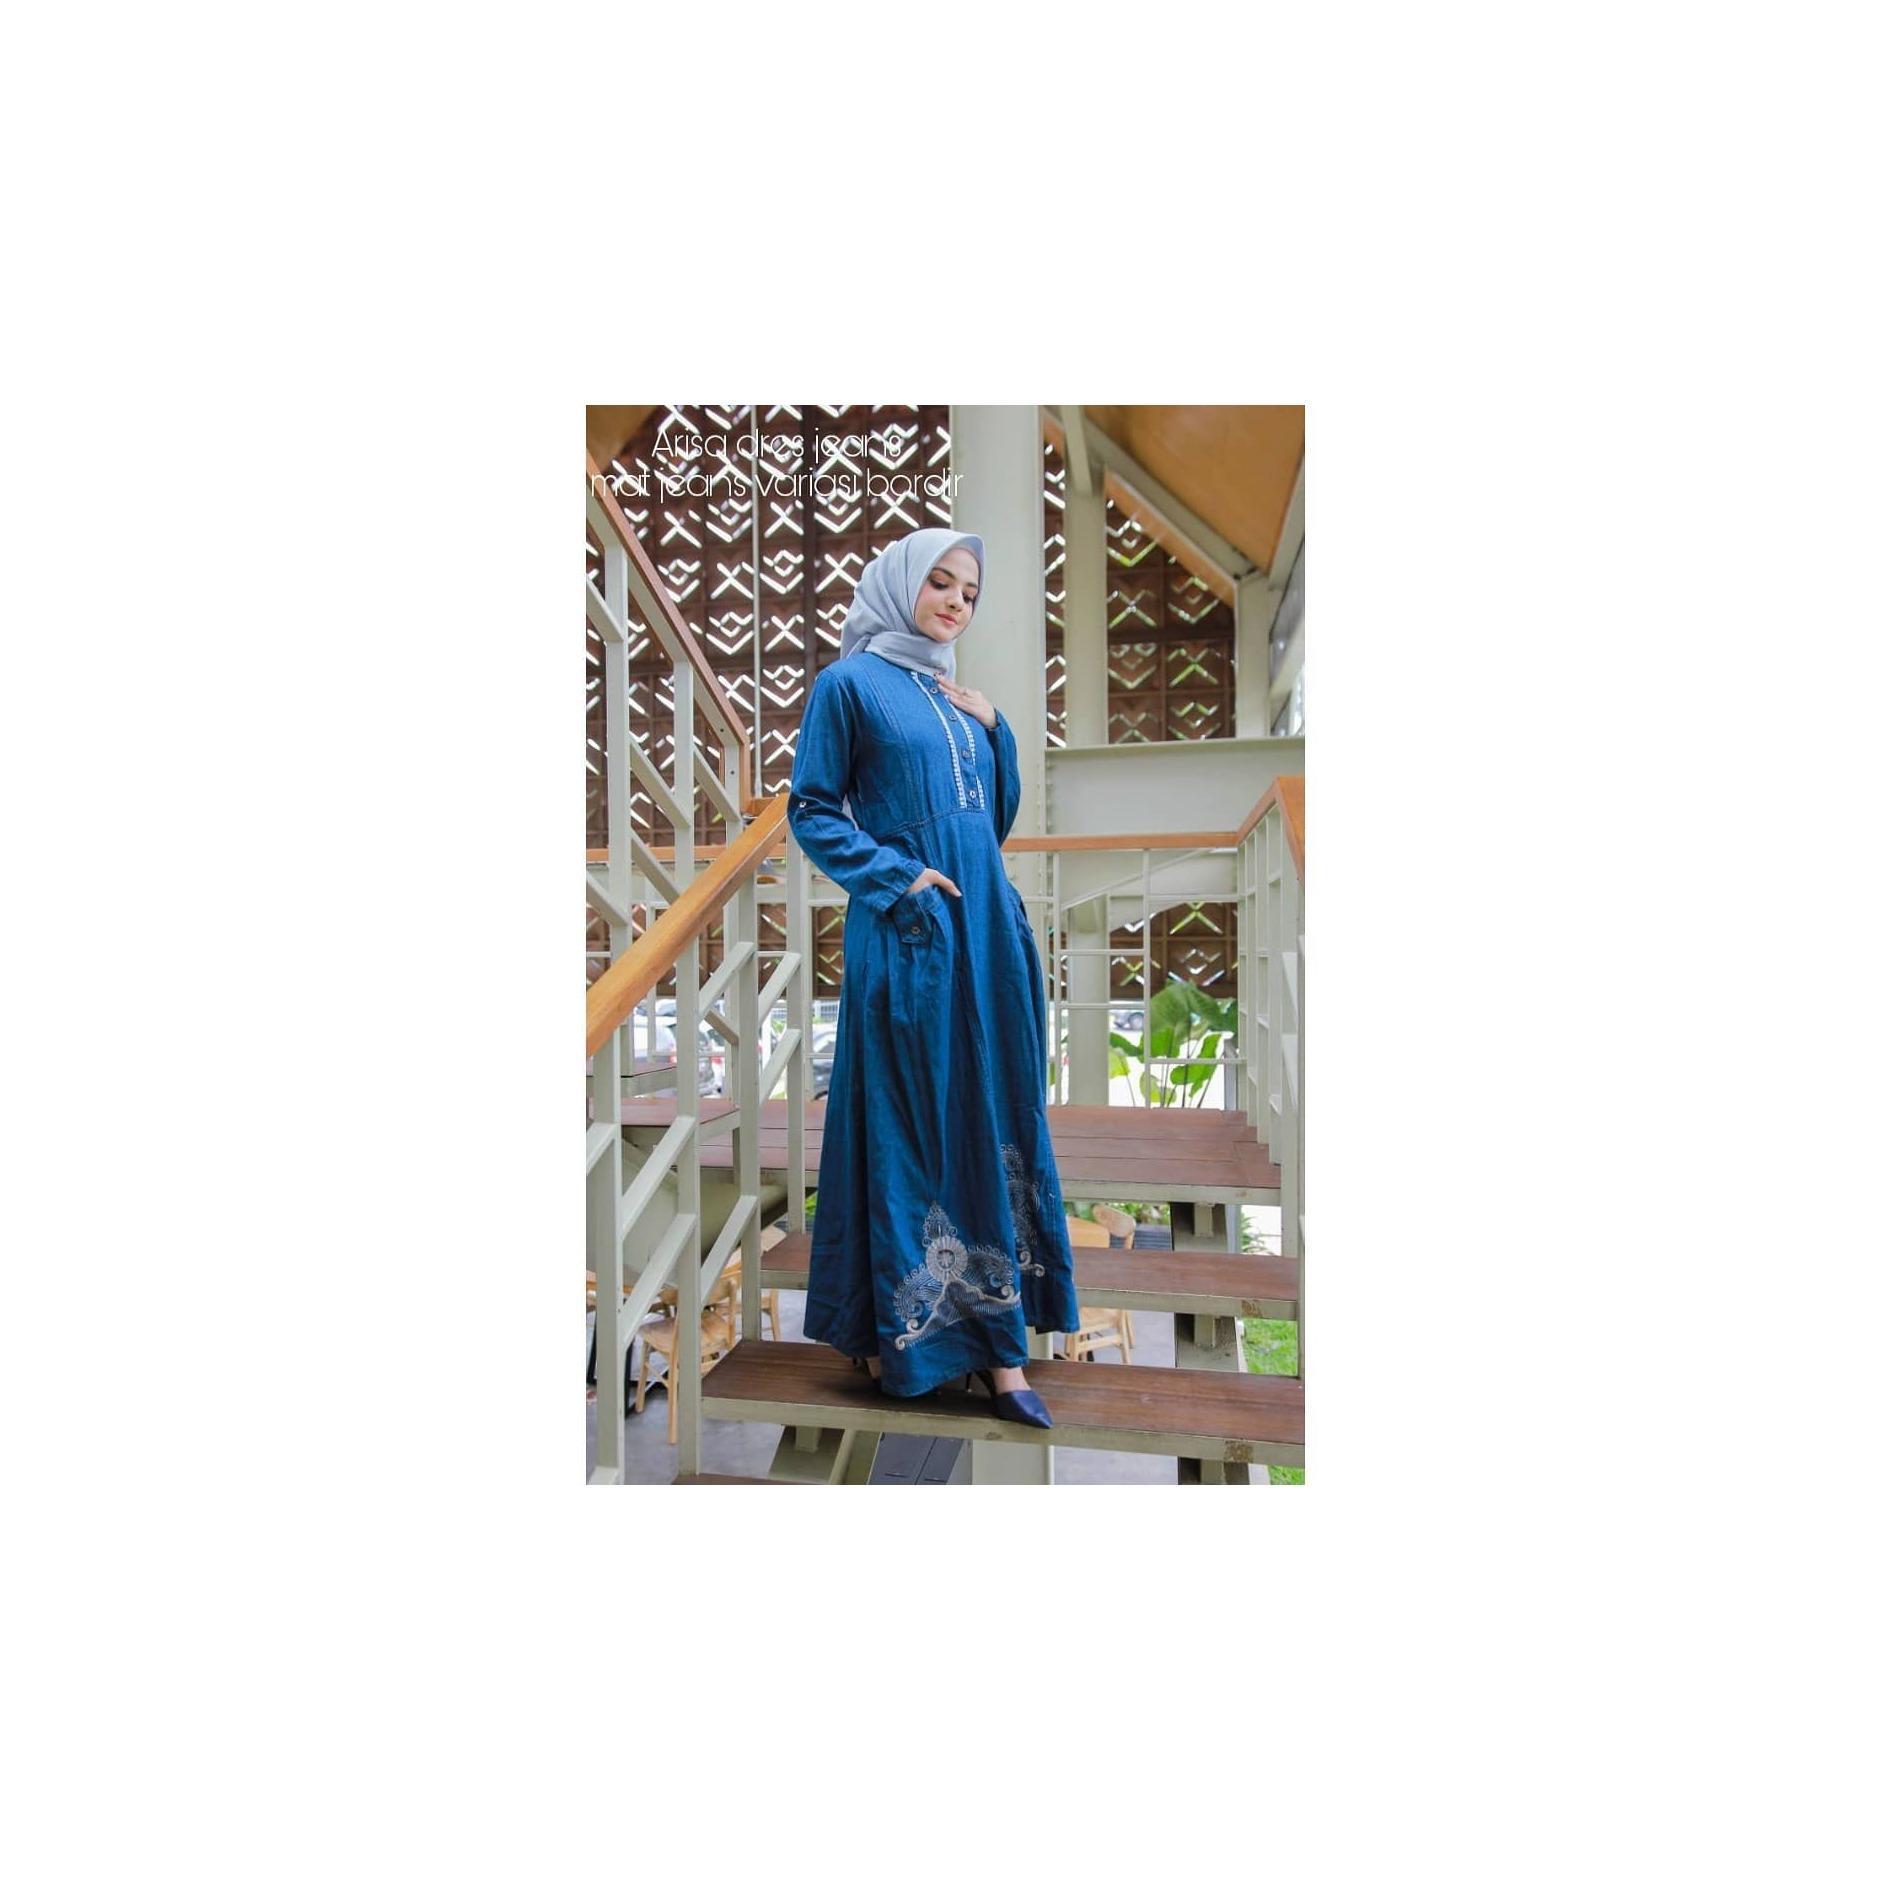 af2c0854c87135a79c7043a6b6e26ed3 Koleksi Harga Gamis Syari Jeans Termurah bulan ini